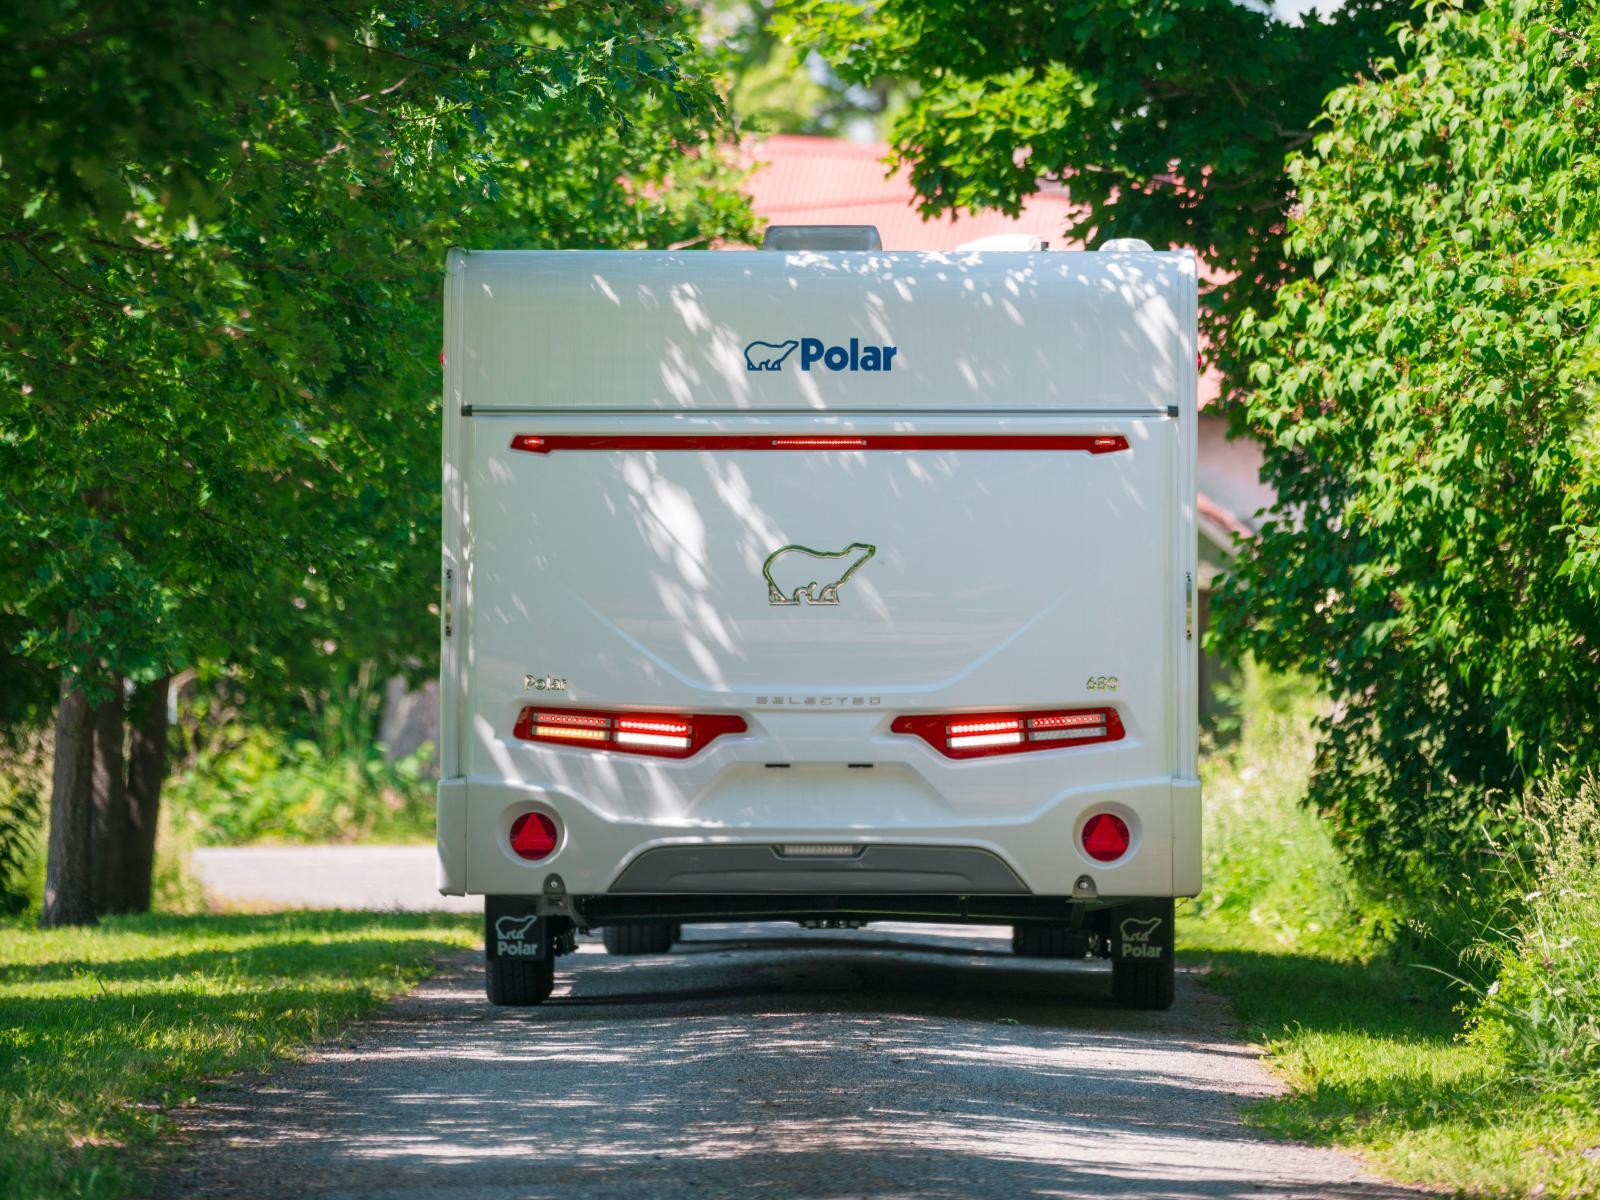 Vagnens eleganta bakparti gör att den ser ut att vara en husbil.